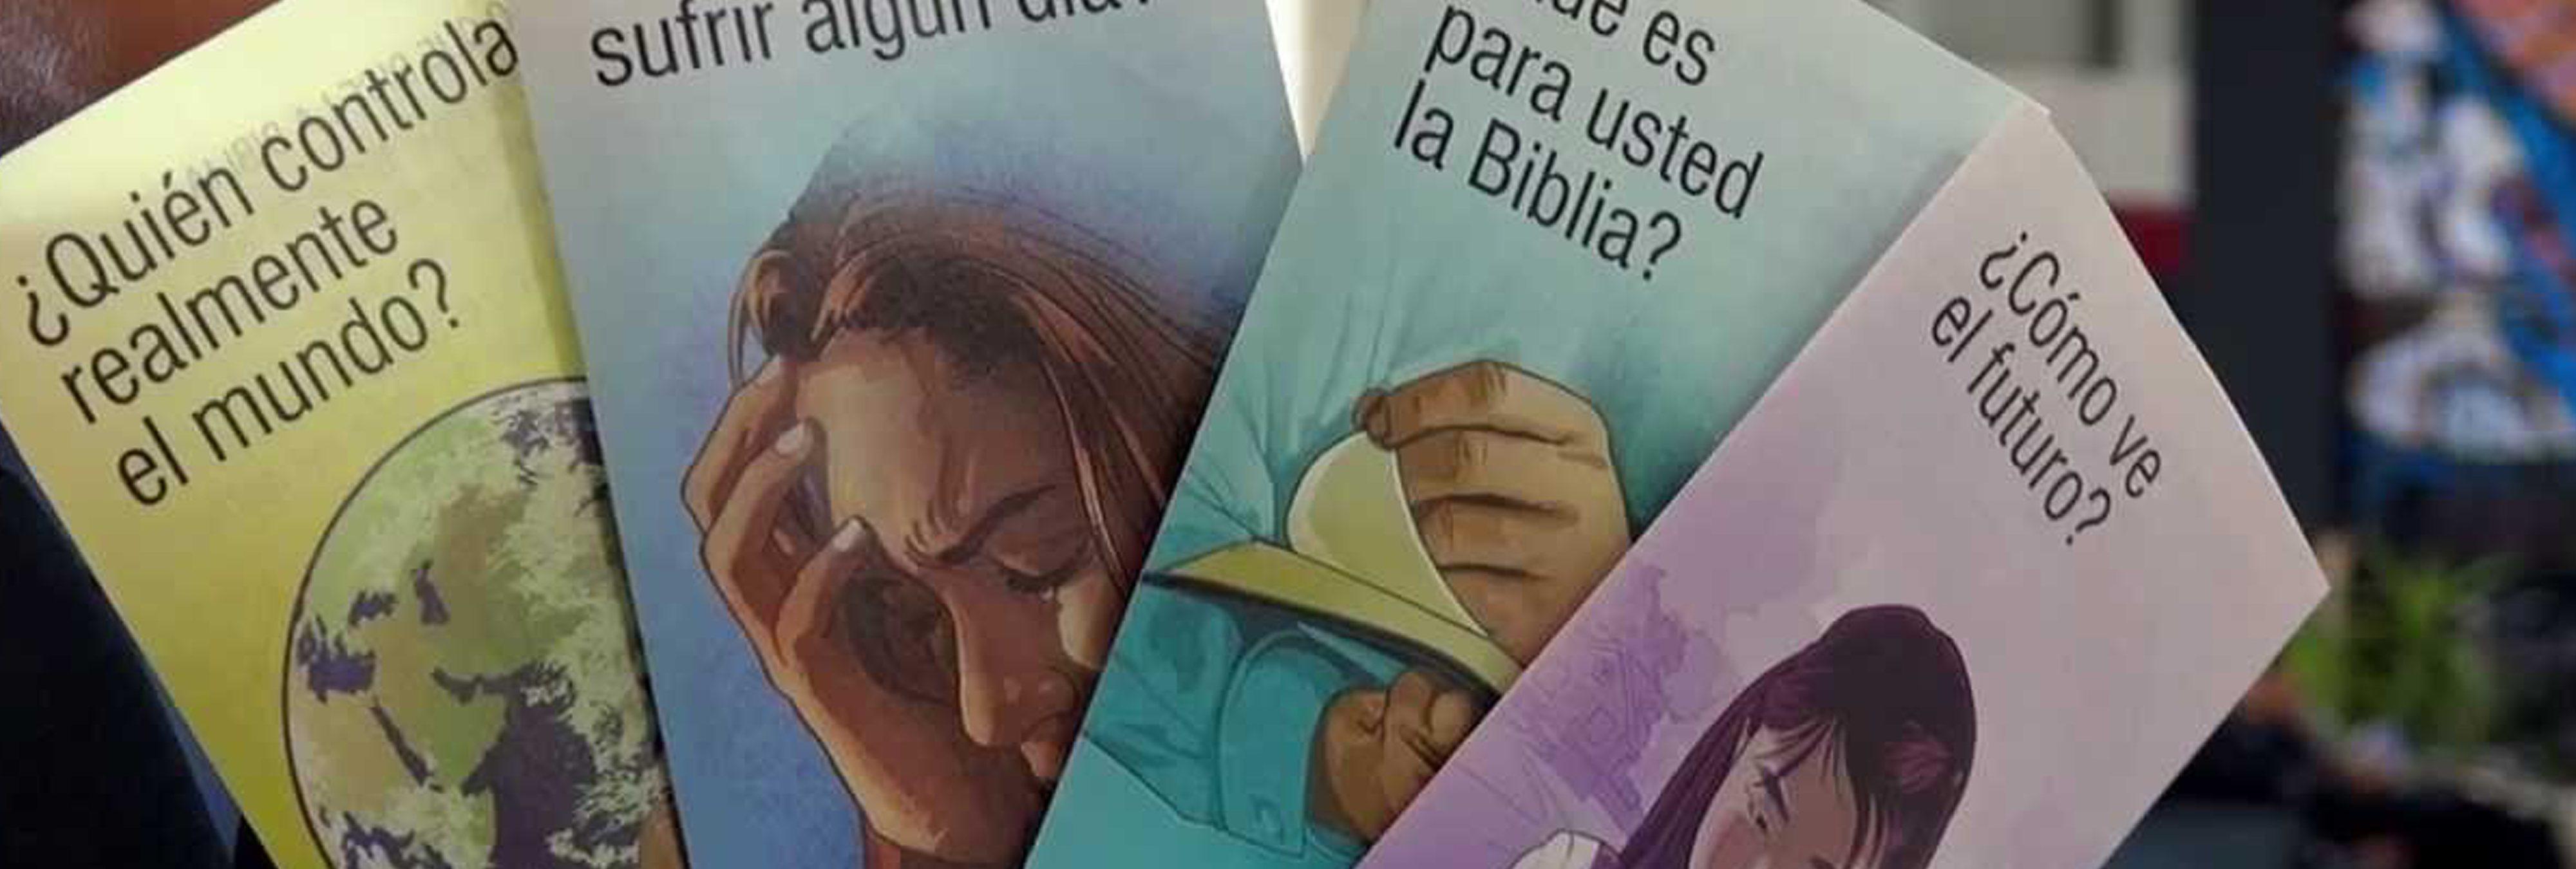 Indignación en las redes por un vídeo homófobo de los Testigos de Jehová